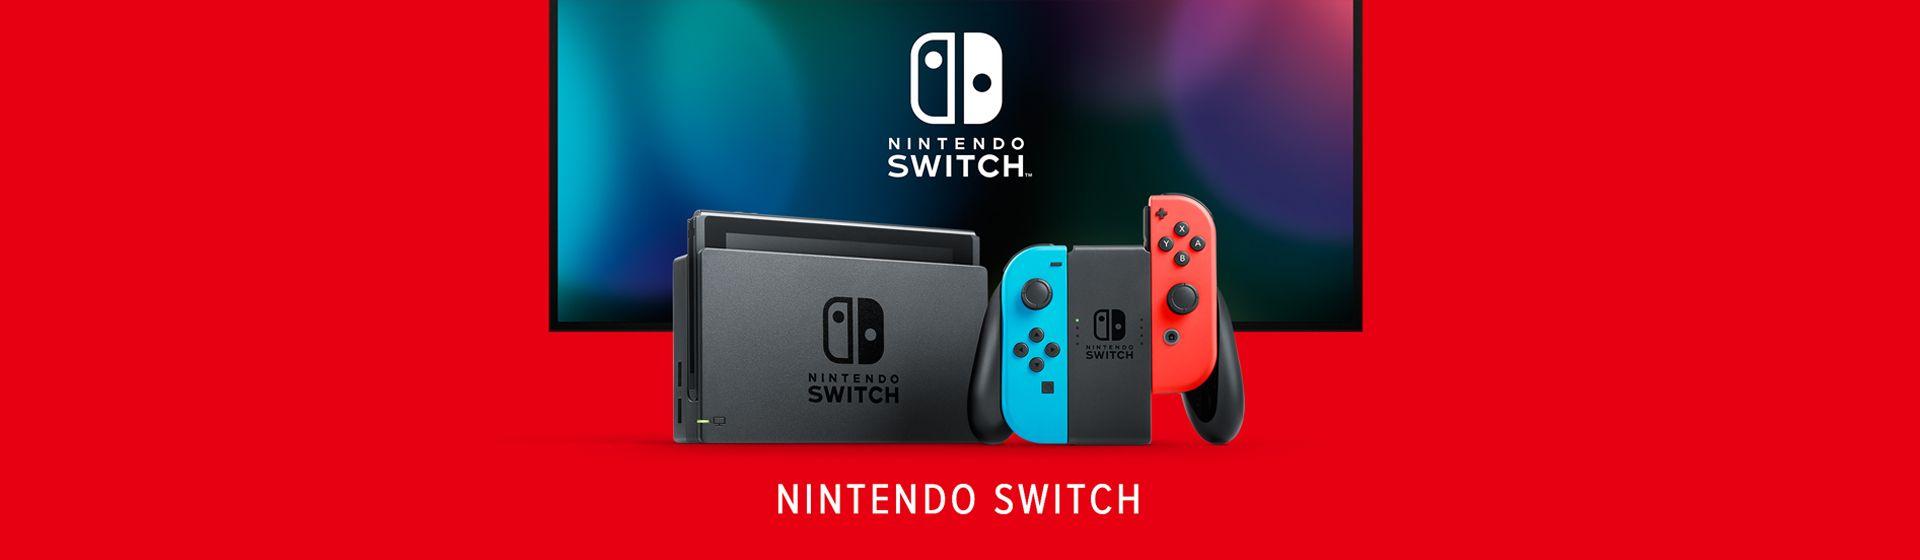 Nintendo pretende aumentar produção de Nintendo Switch em 2020